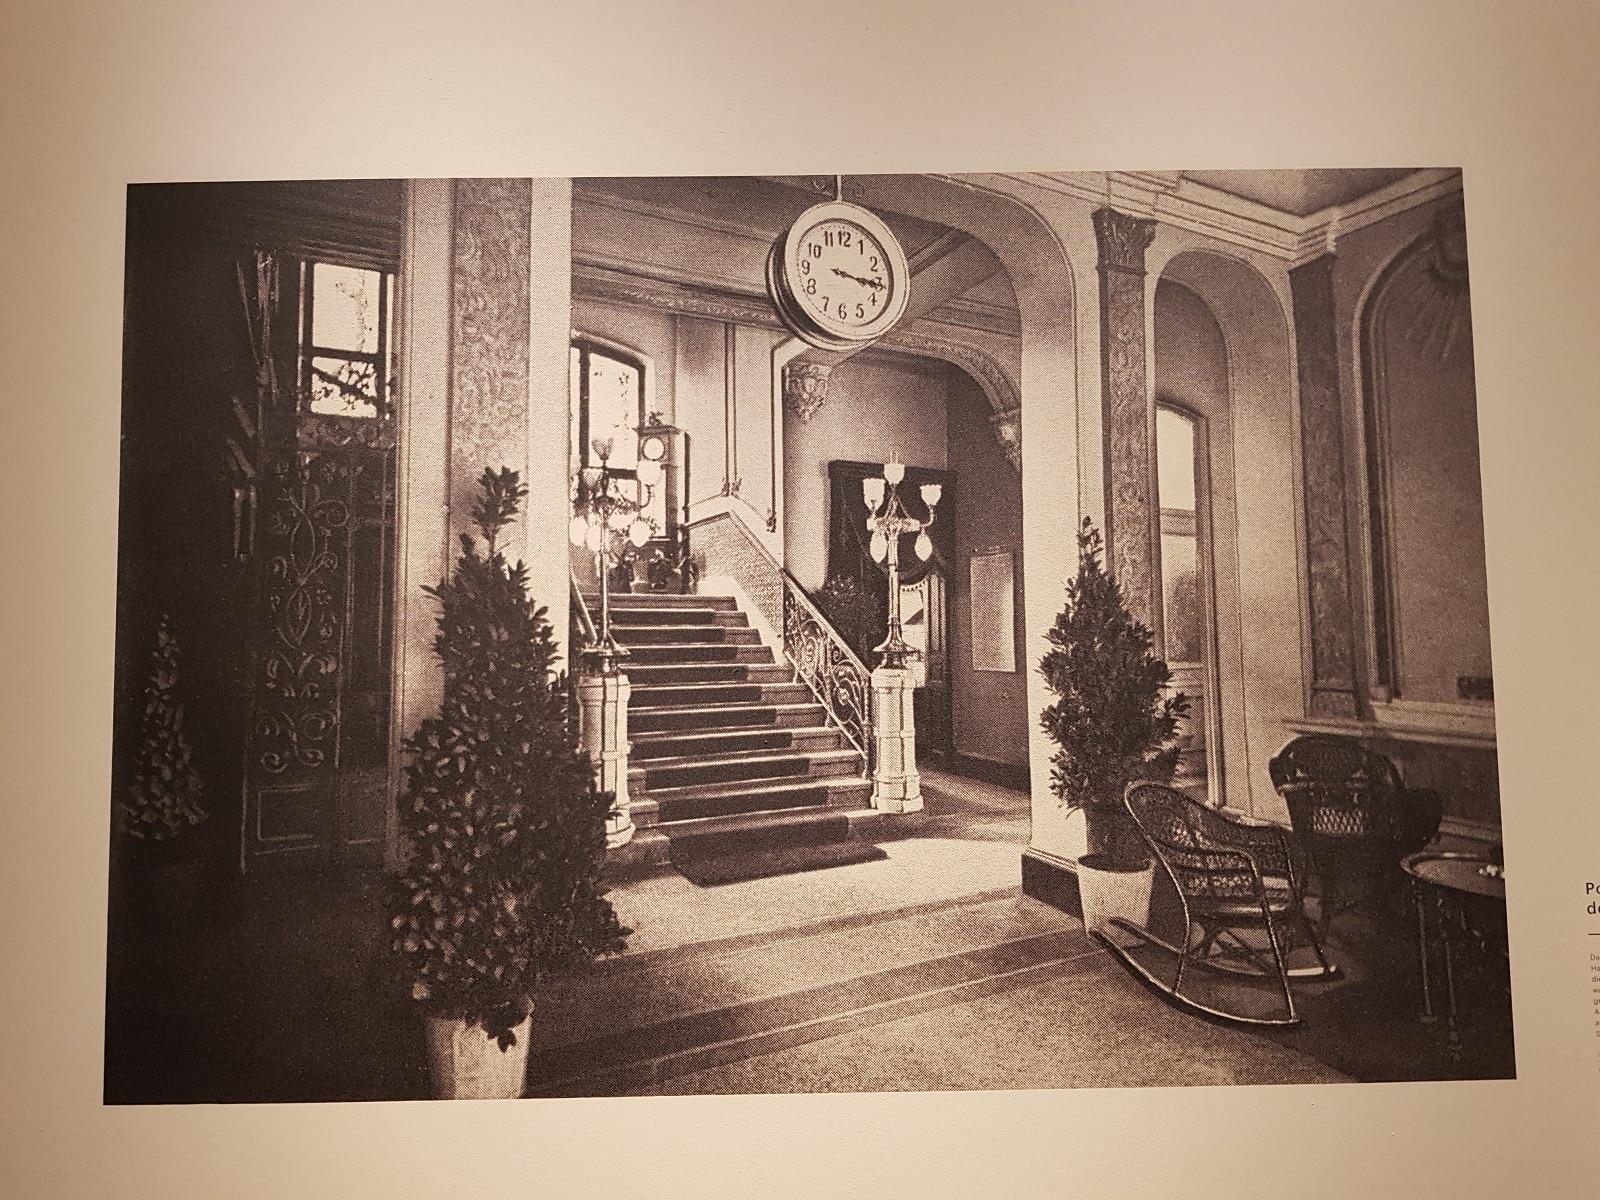 Parkhotel Silber - ein Hotel für gehobene Ansprüche